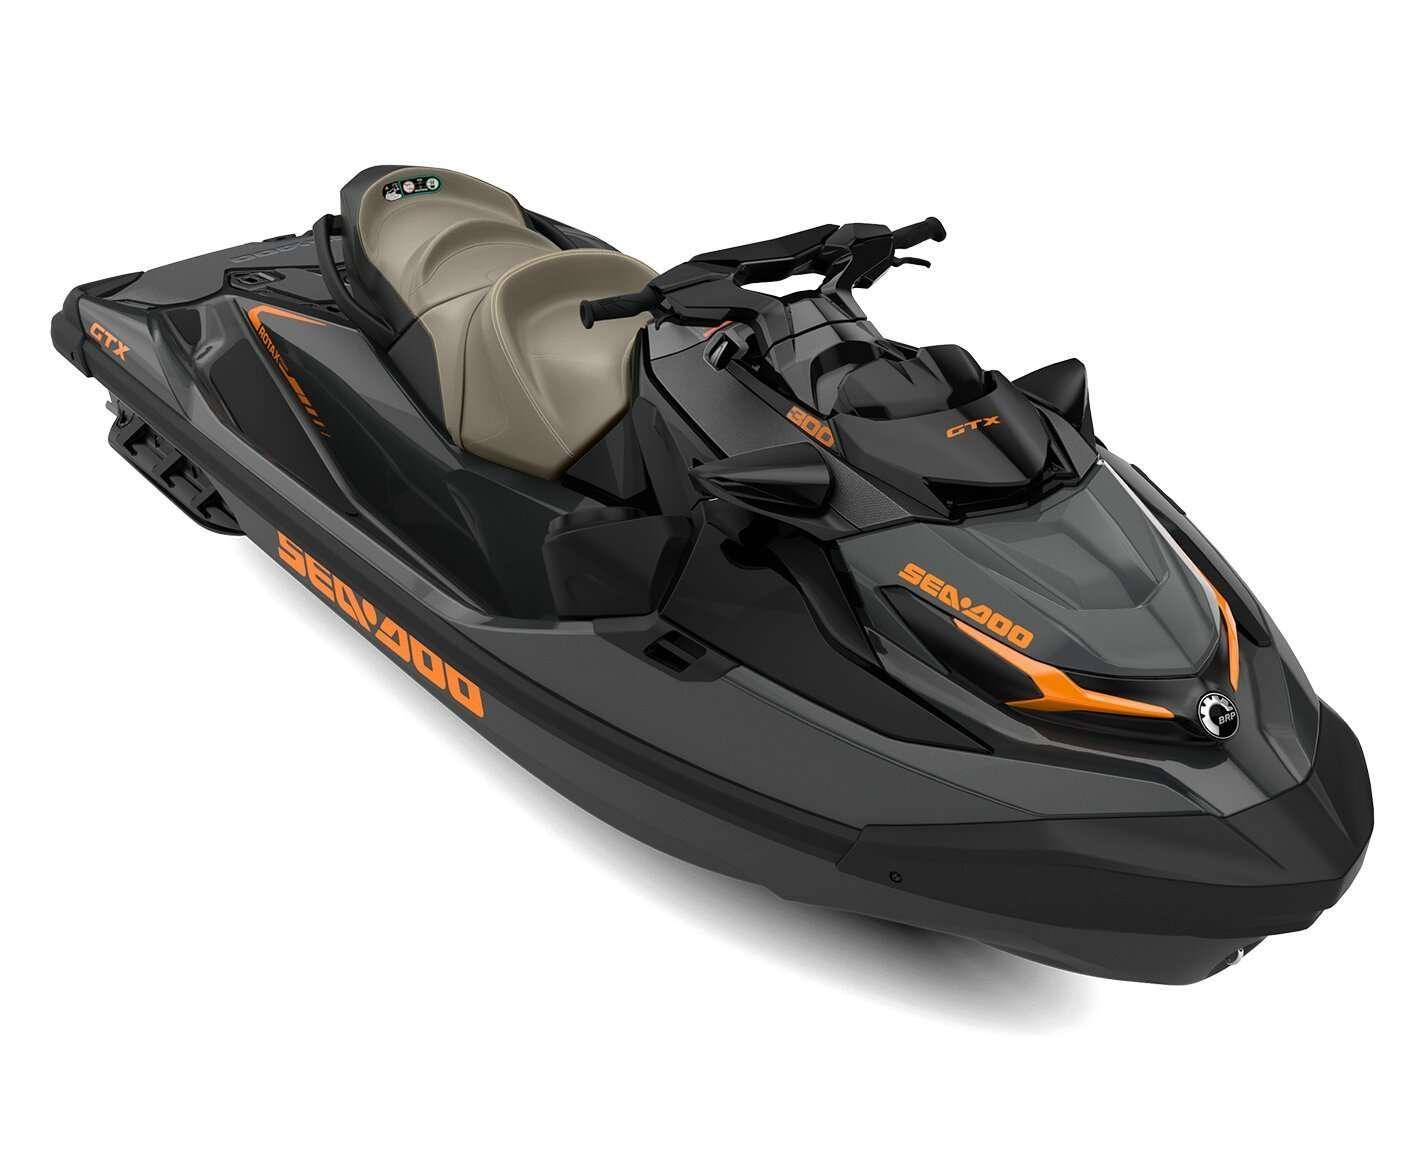 Comprar moto de agua Sea-Doo GTX 170 en Barcelona